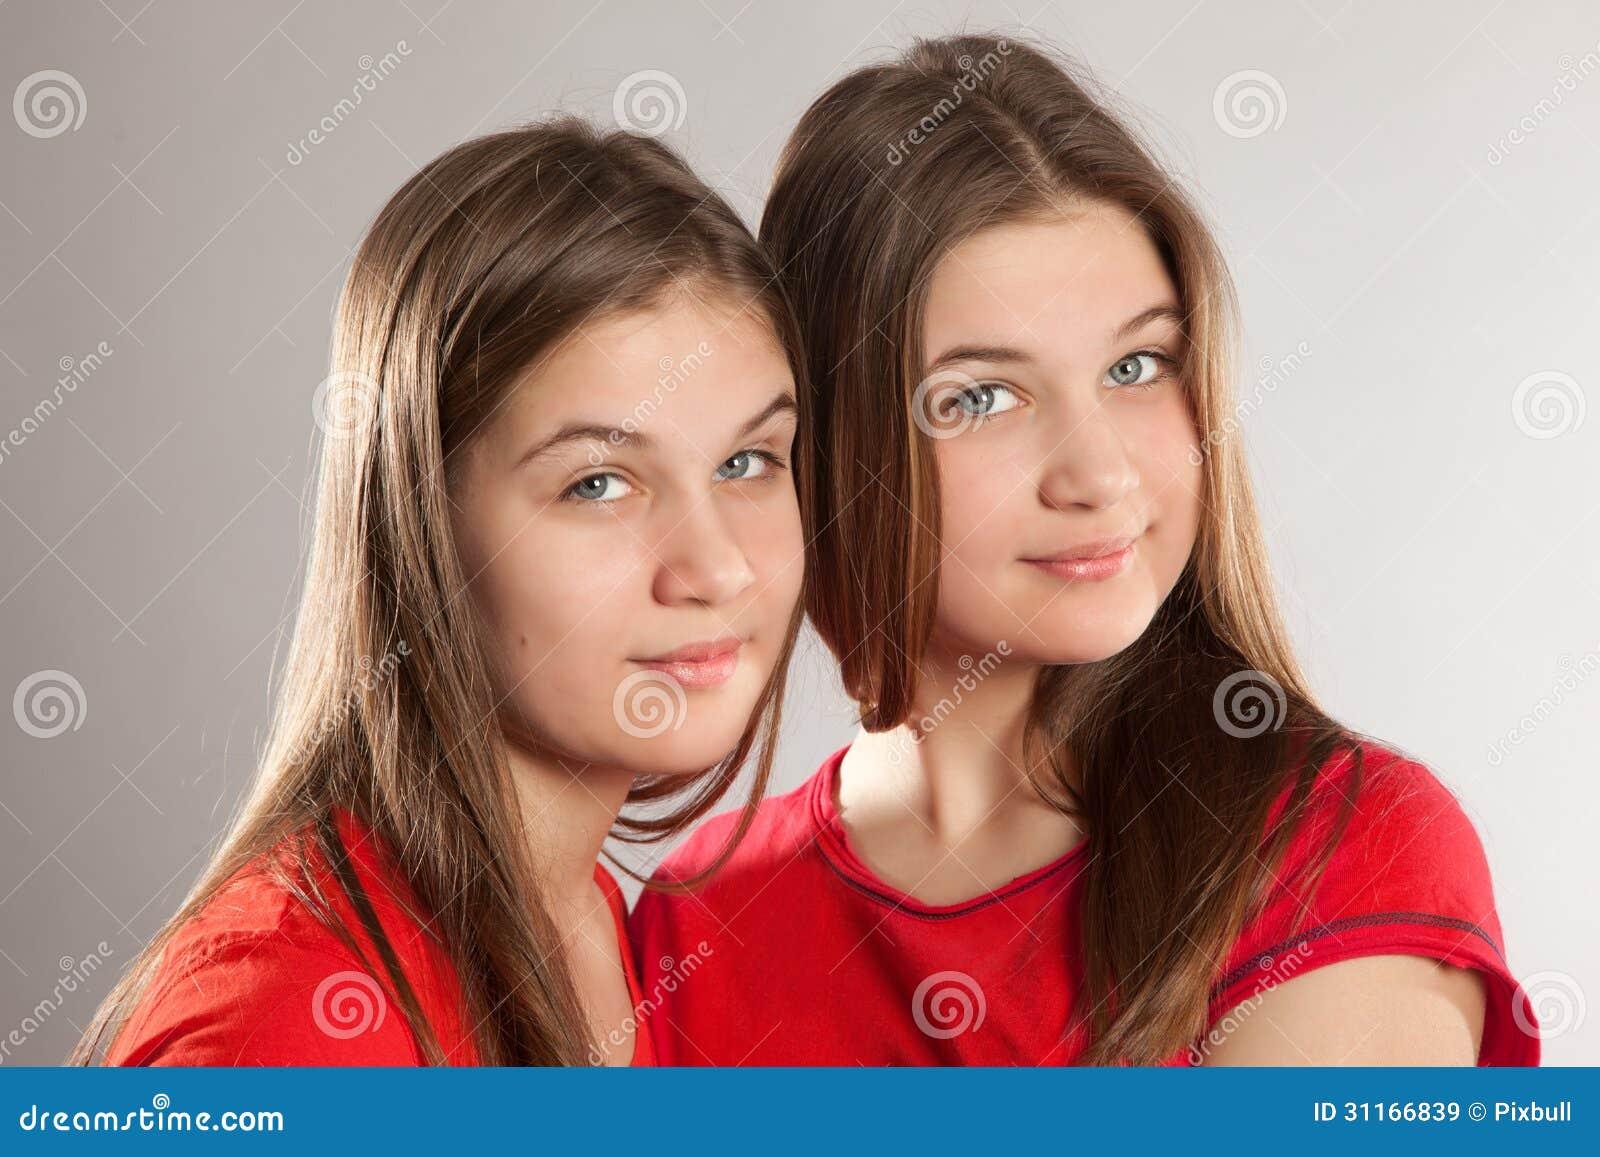 Пришла подруга сестры, Приехала сексуальная подружка моей сестры 21 фотография